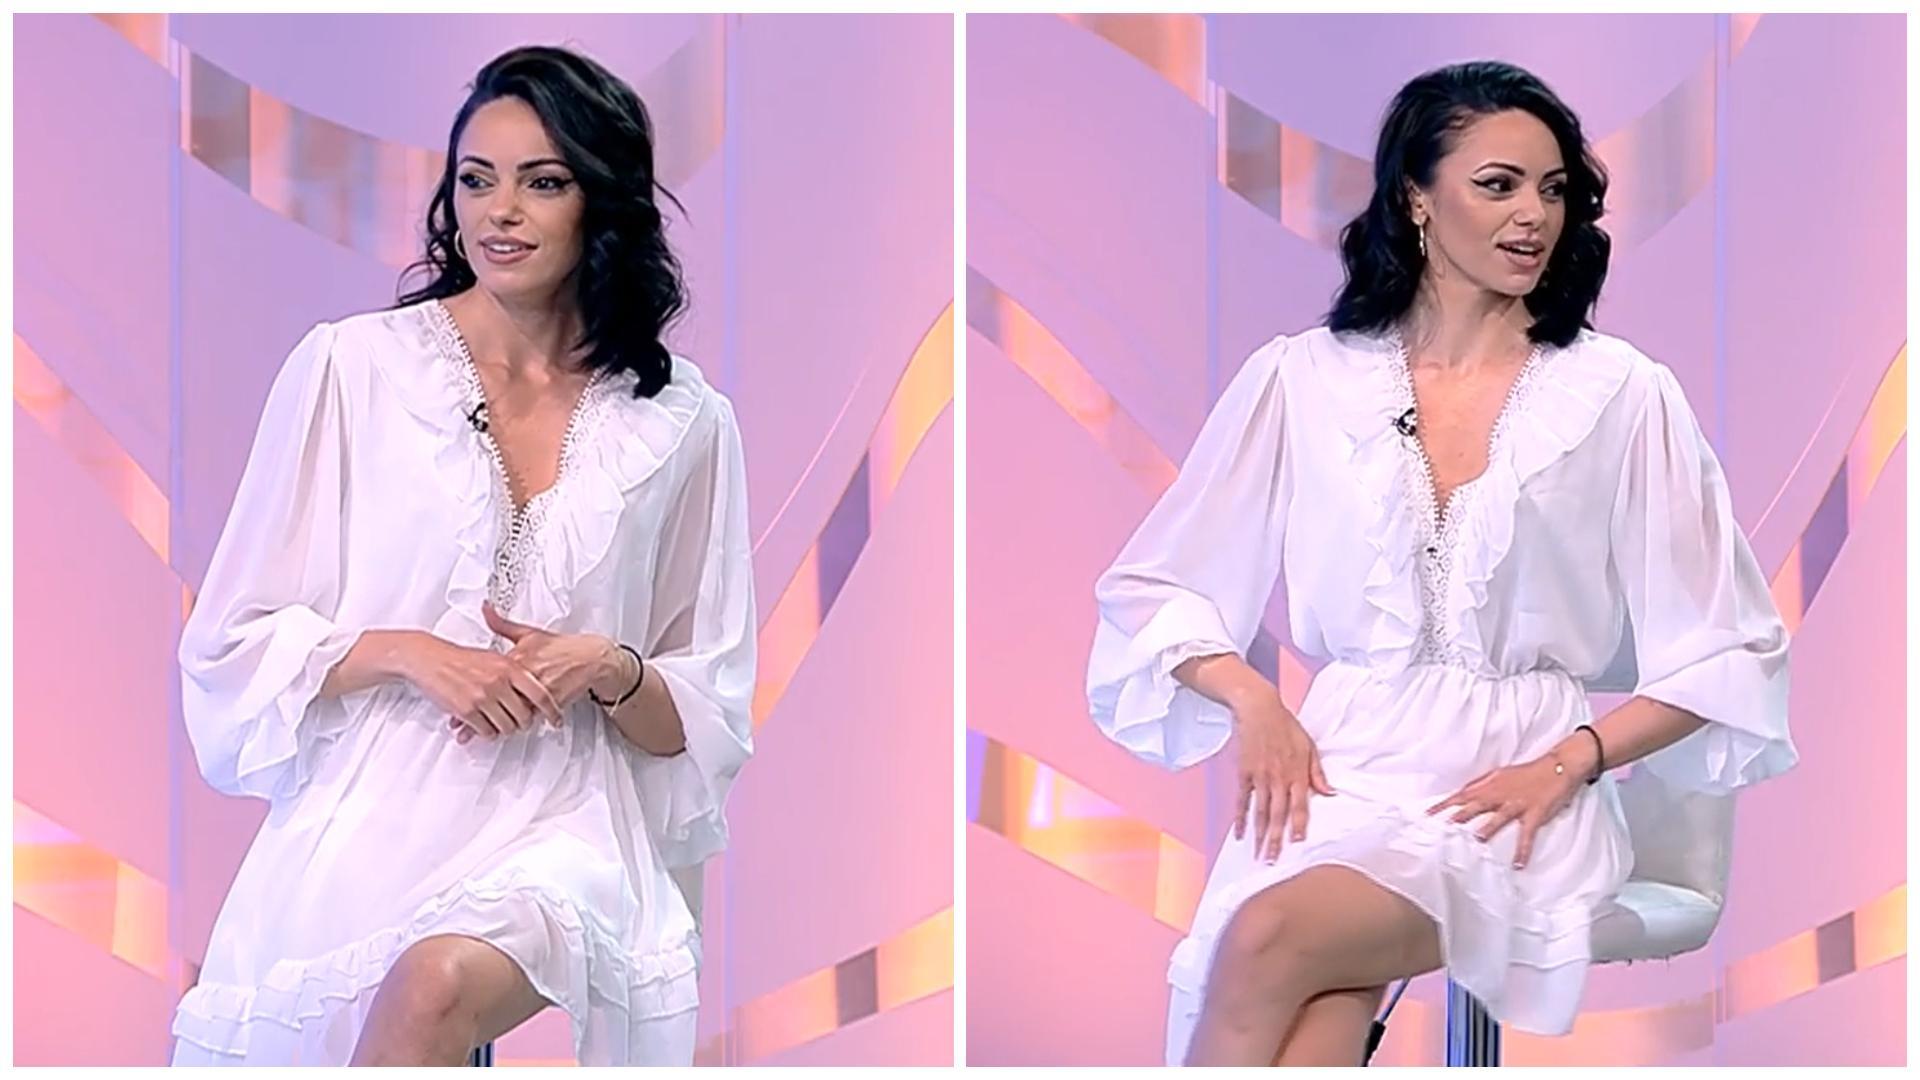 """Cosmina Adam, apariție răvășitoare în platoul """"Acces Direct"""". Cu ce pantofi îndrăzneți și-a asortat rochia albă"""